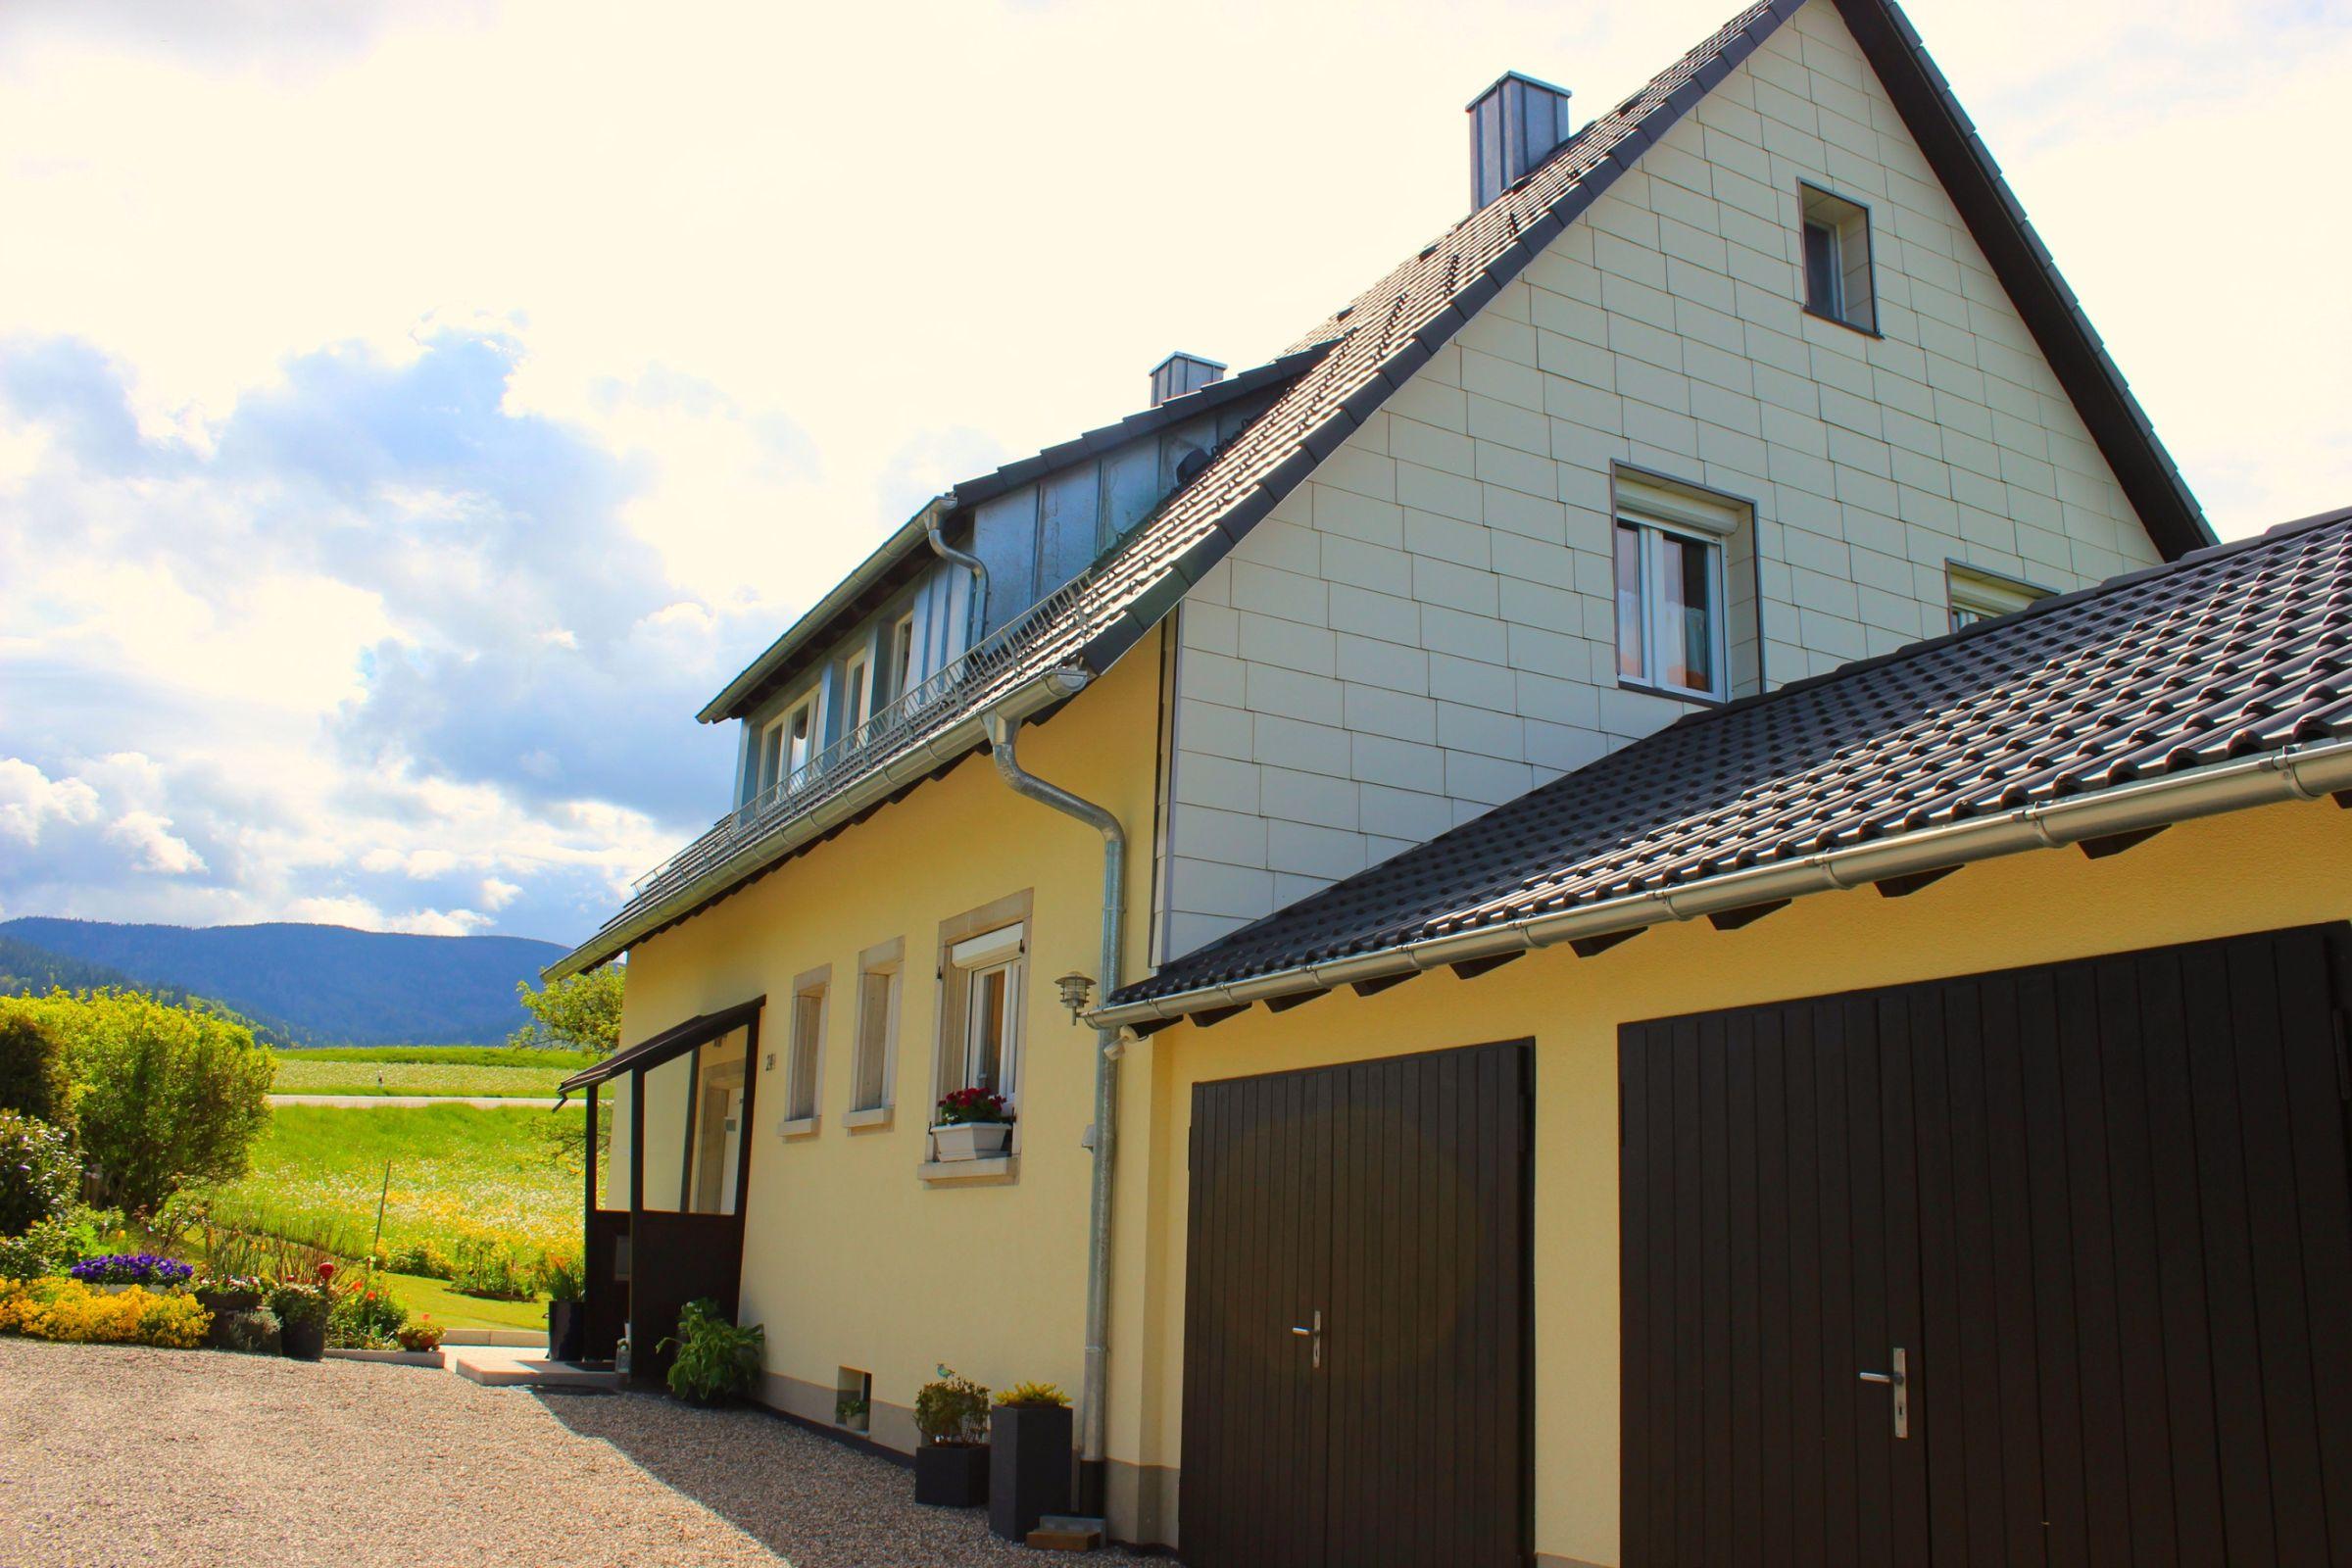 Ferienwohnung Panoramablick, (Horben). Nichtraucher-49qm, 1 Schlafraum, 1 Wohn-/Schlafraum, max. 3 Perso (2717405), Horben, Schwarzwald, Baden-Württemberg, Deutschland, Bild 4